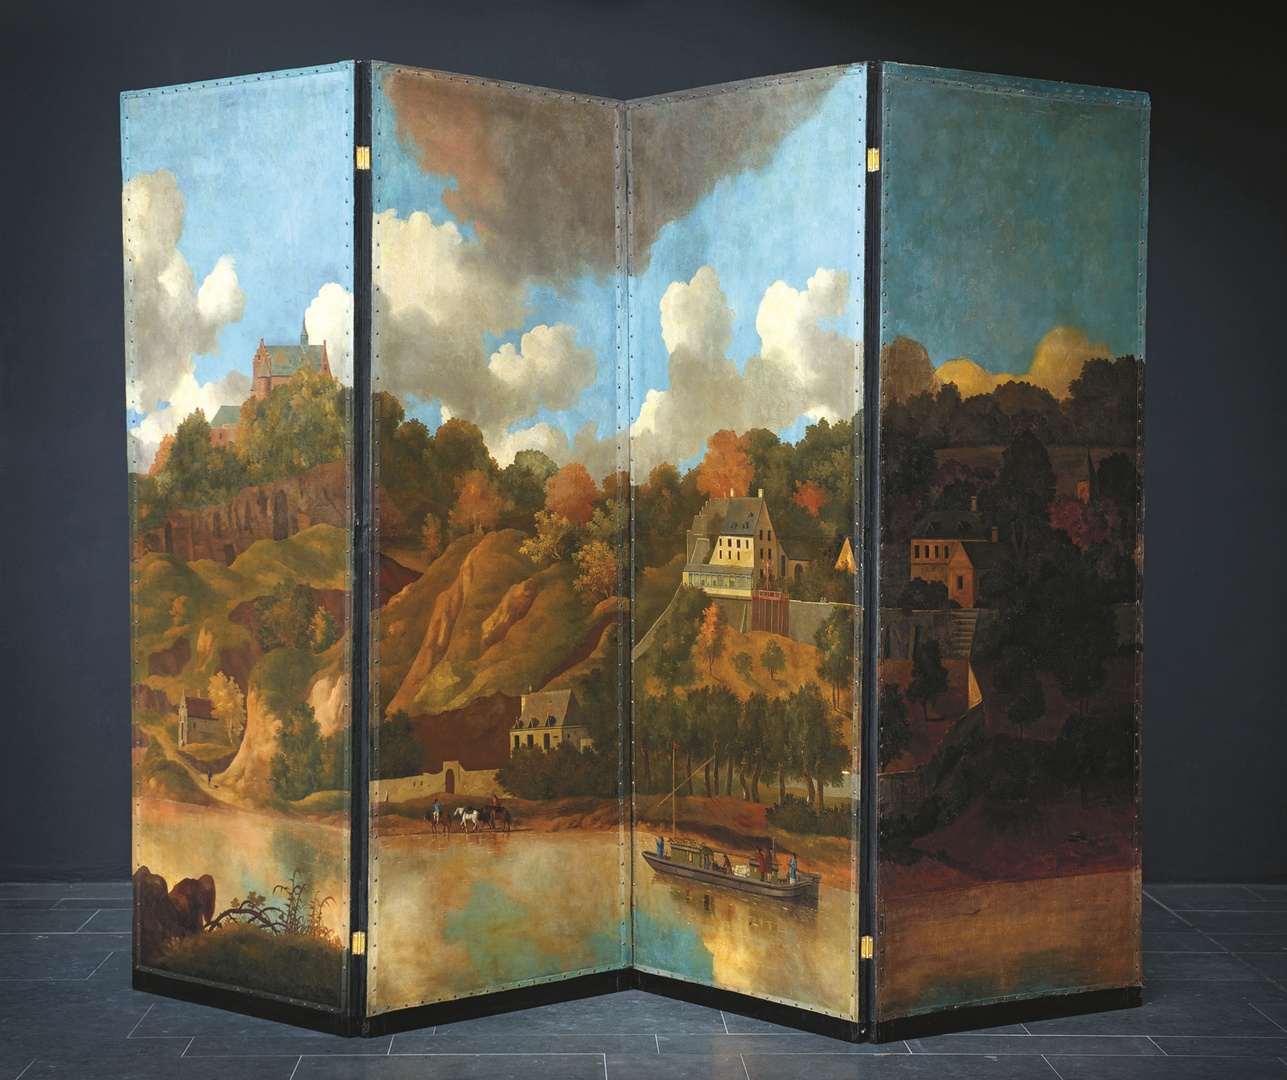 Zesslags kamerscherm met twaalf voorstellingen uit de omgeving van Maastricht